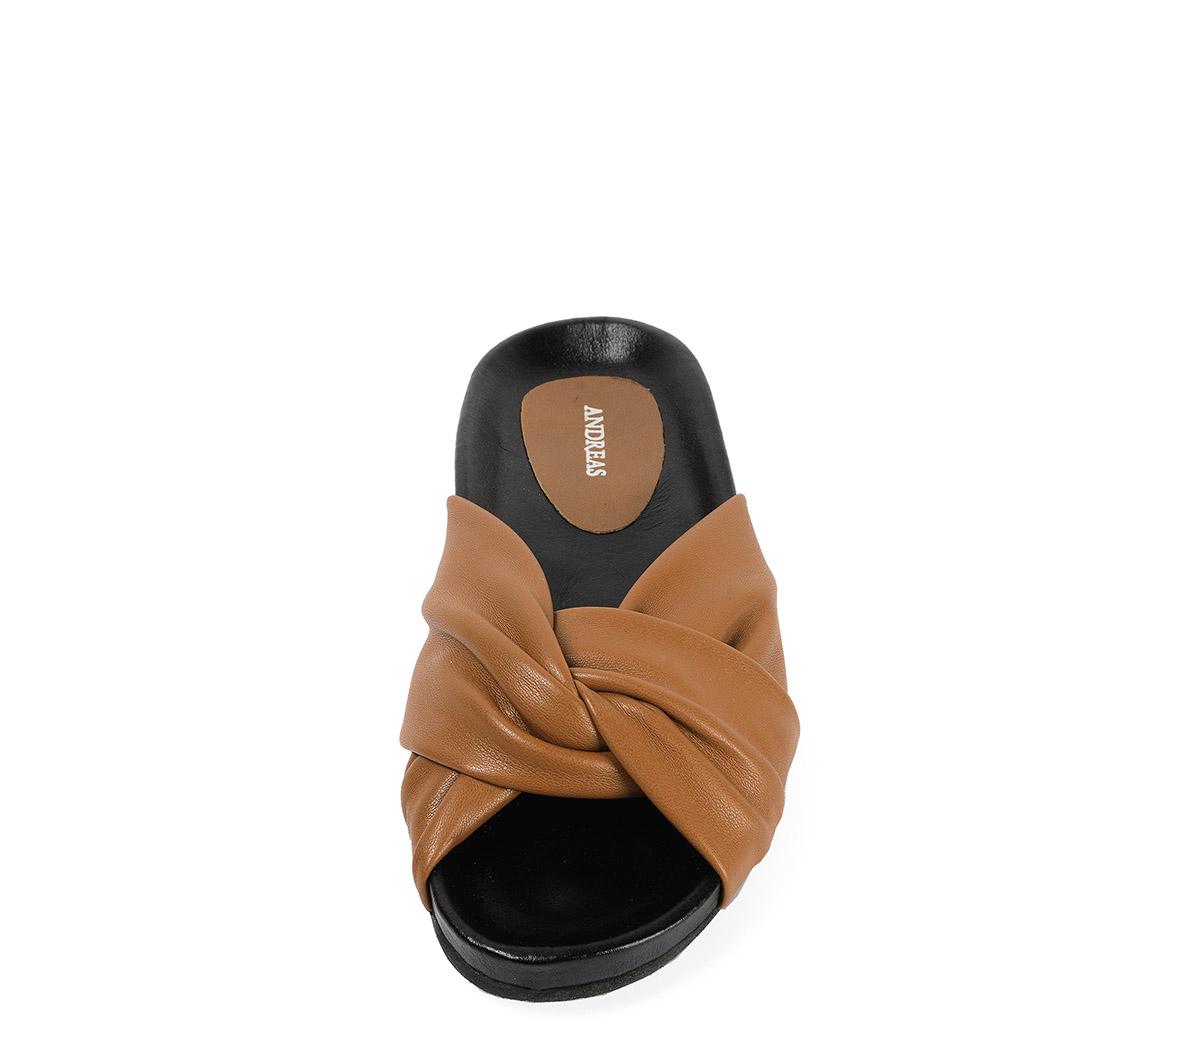 Ref. 3891 Sandalia piel cuero con detalle nudo en la pala. Plantilla piel anatomica.